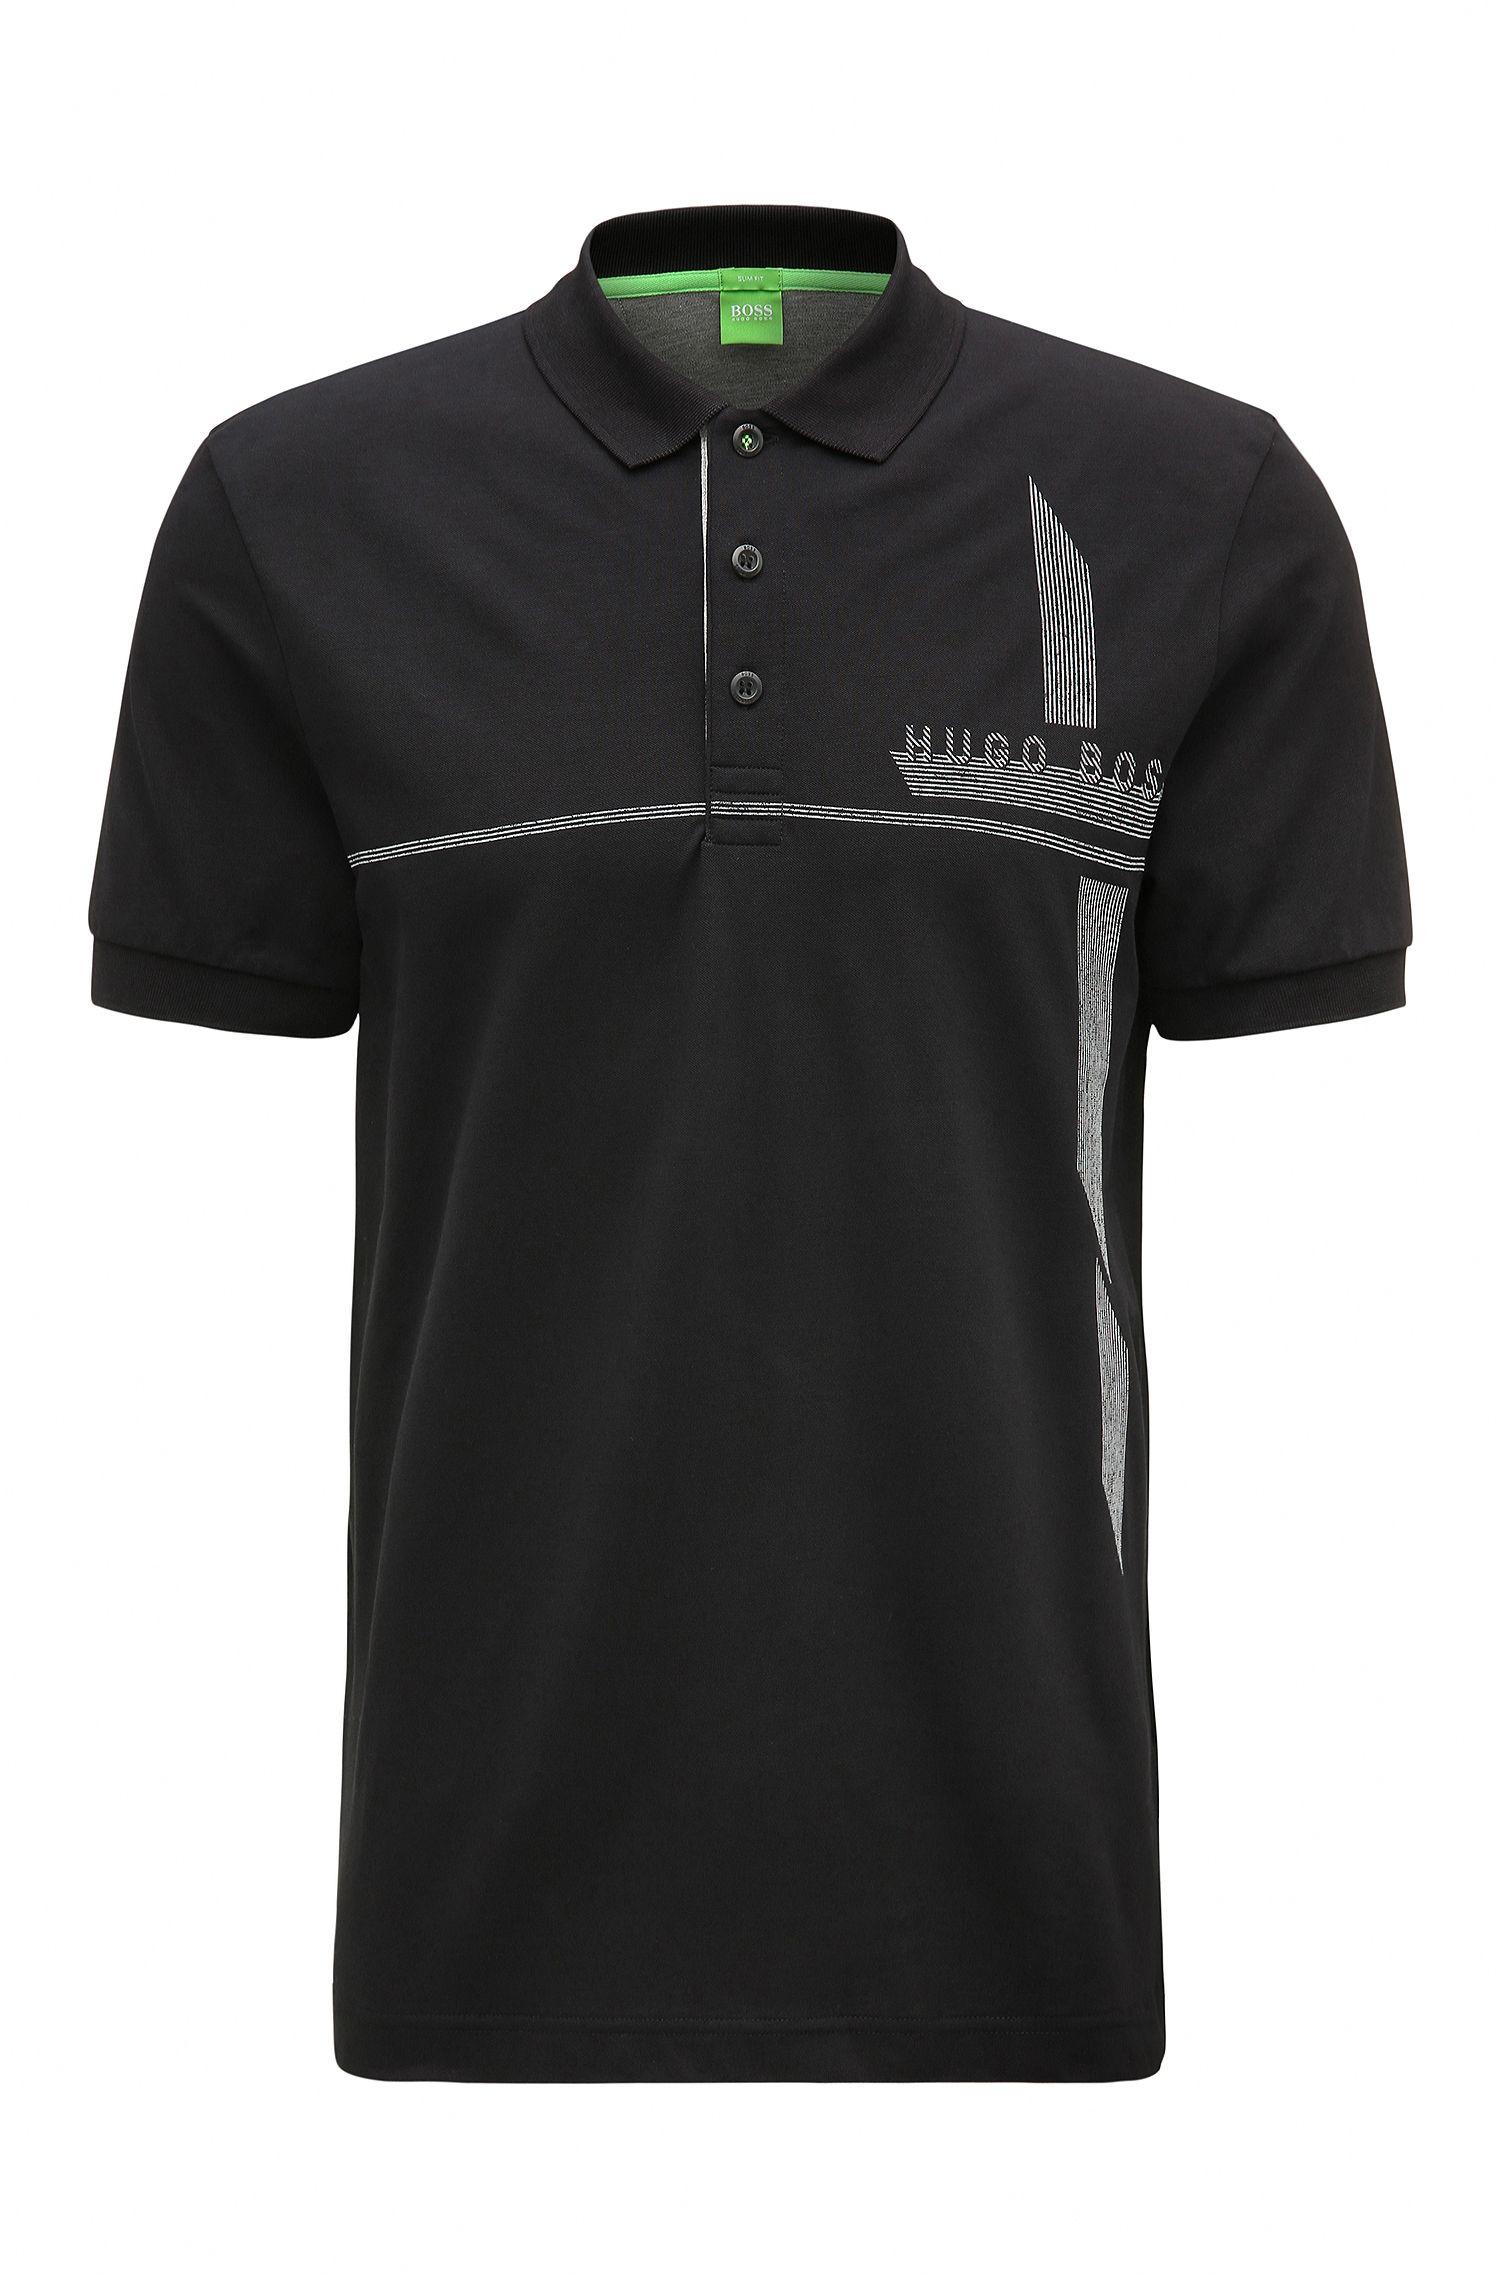 Piqué Stretch Cotton Polo Shirt, Slim Fit   M-Paule